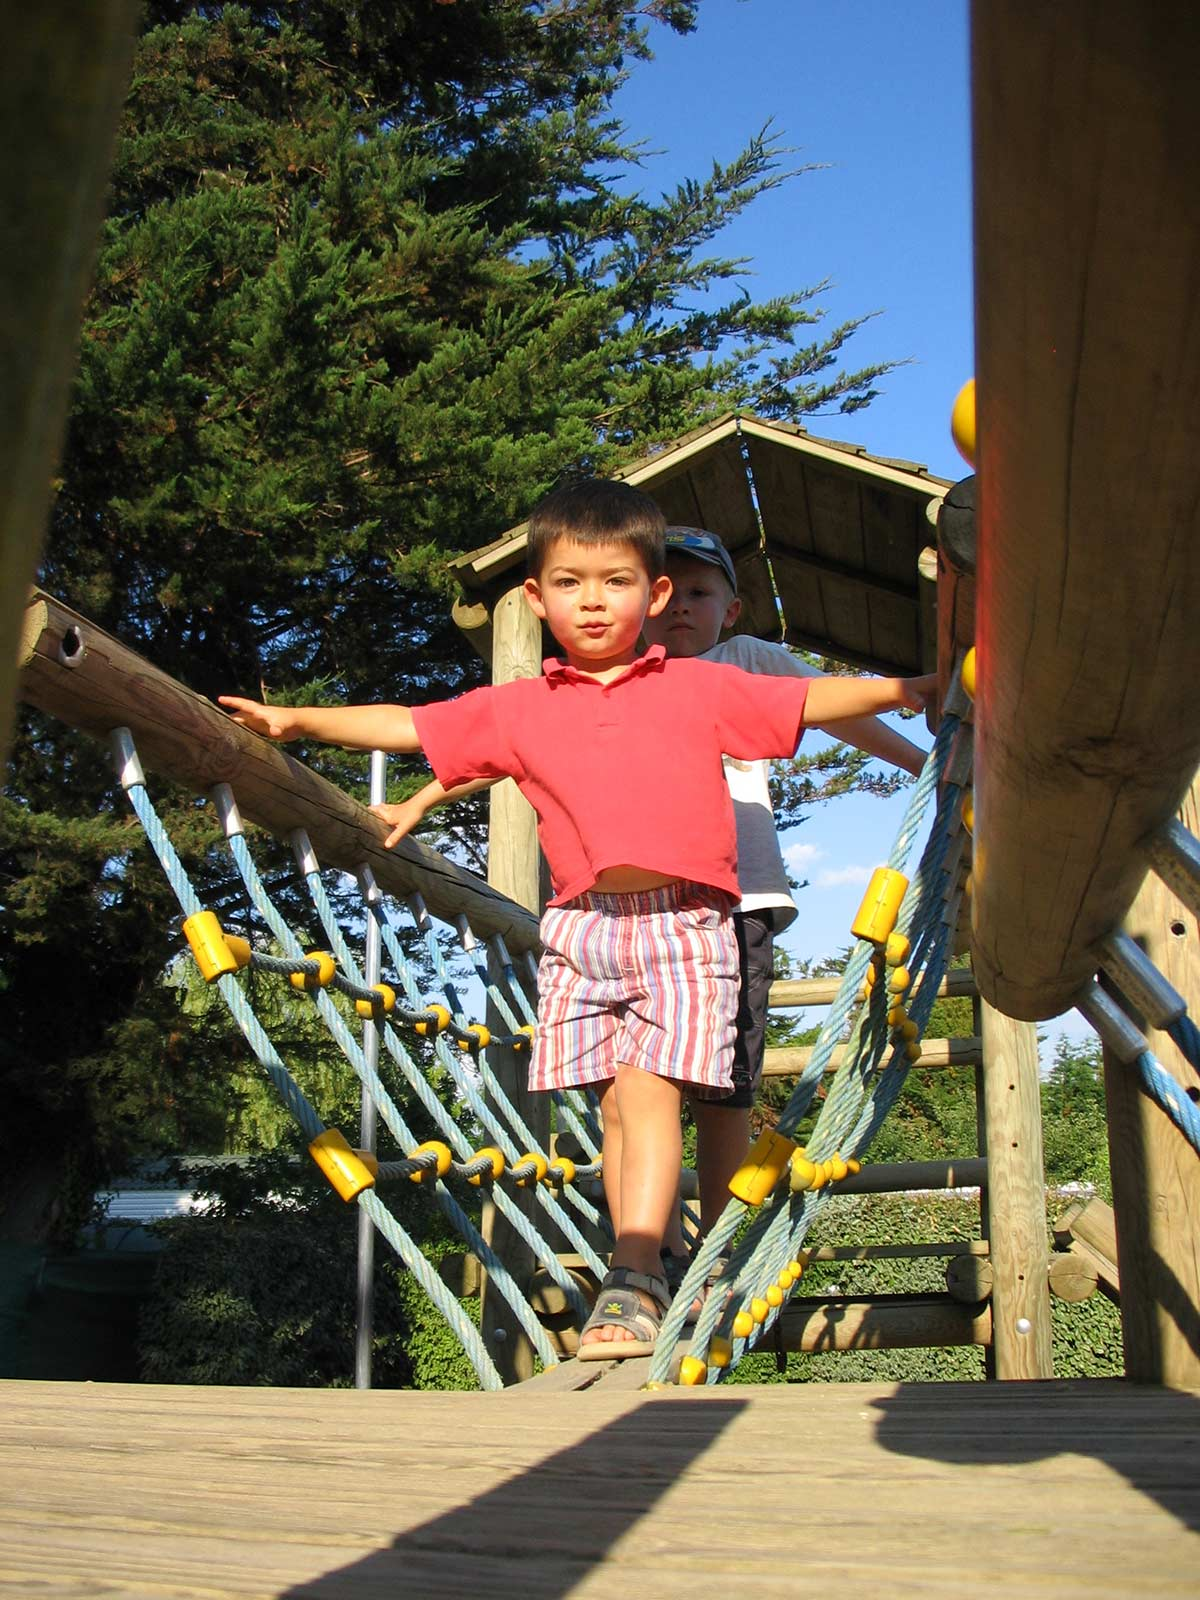 pont supendu de l'aire de jeux enfants